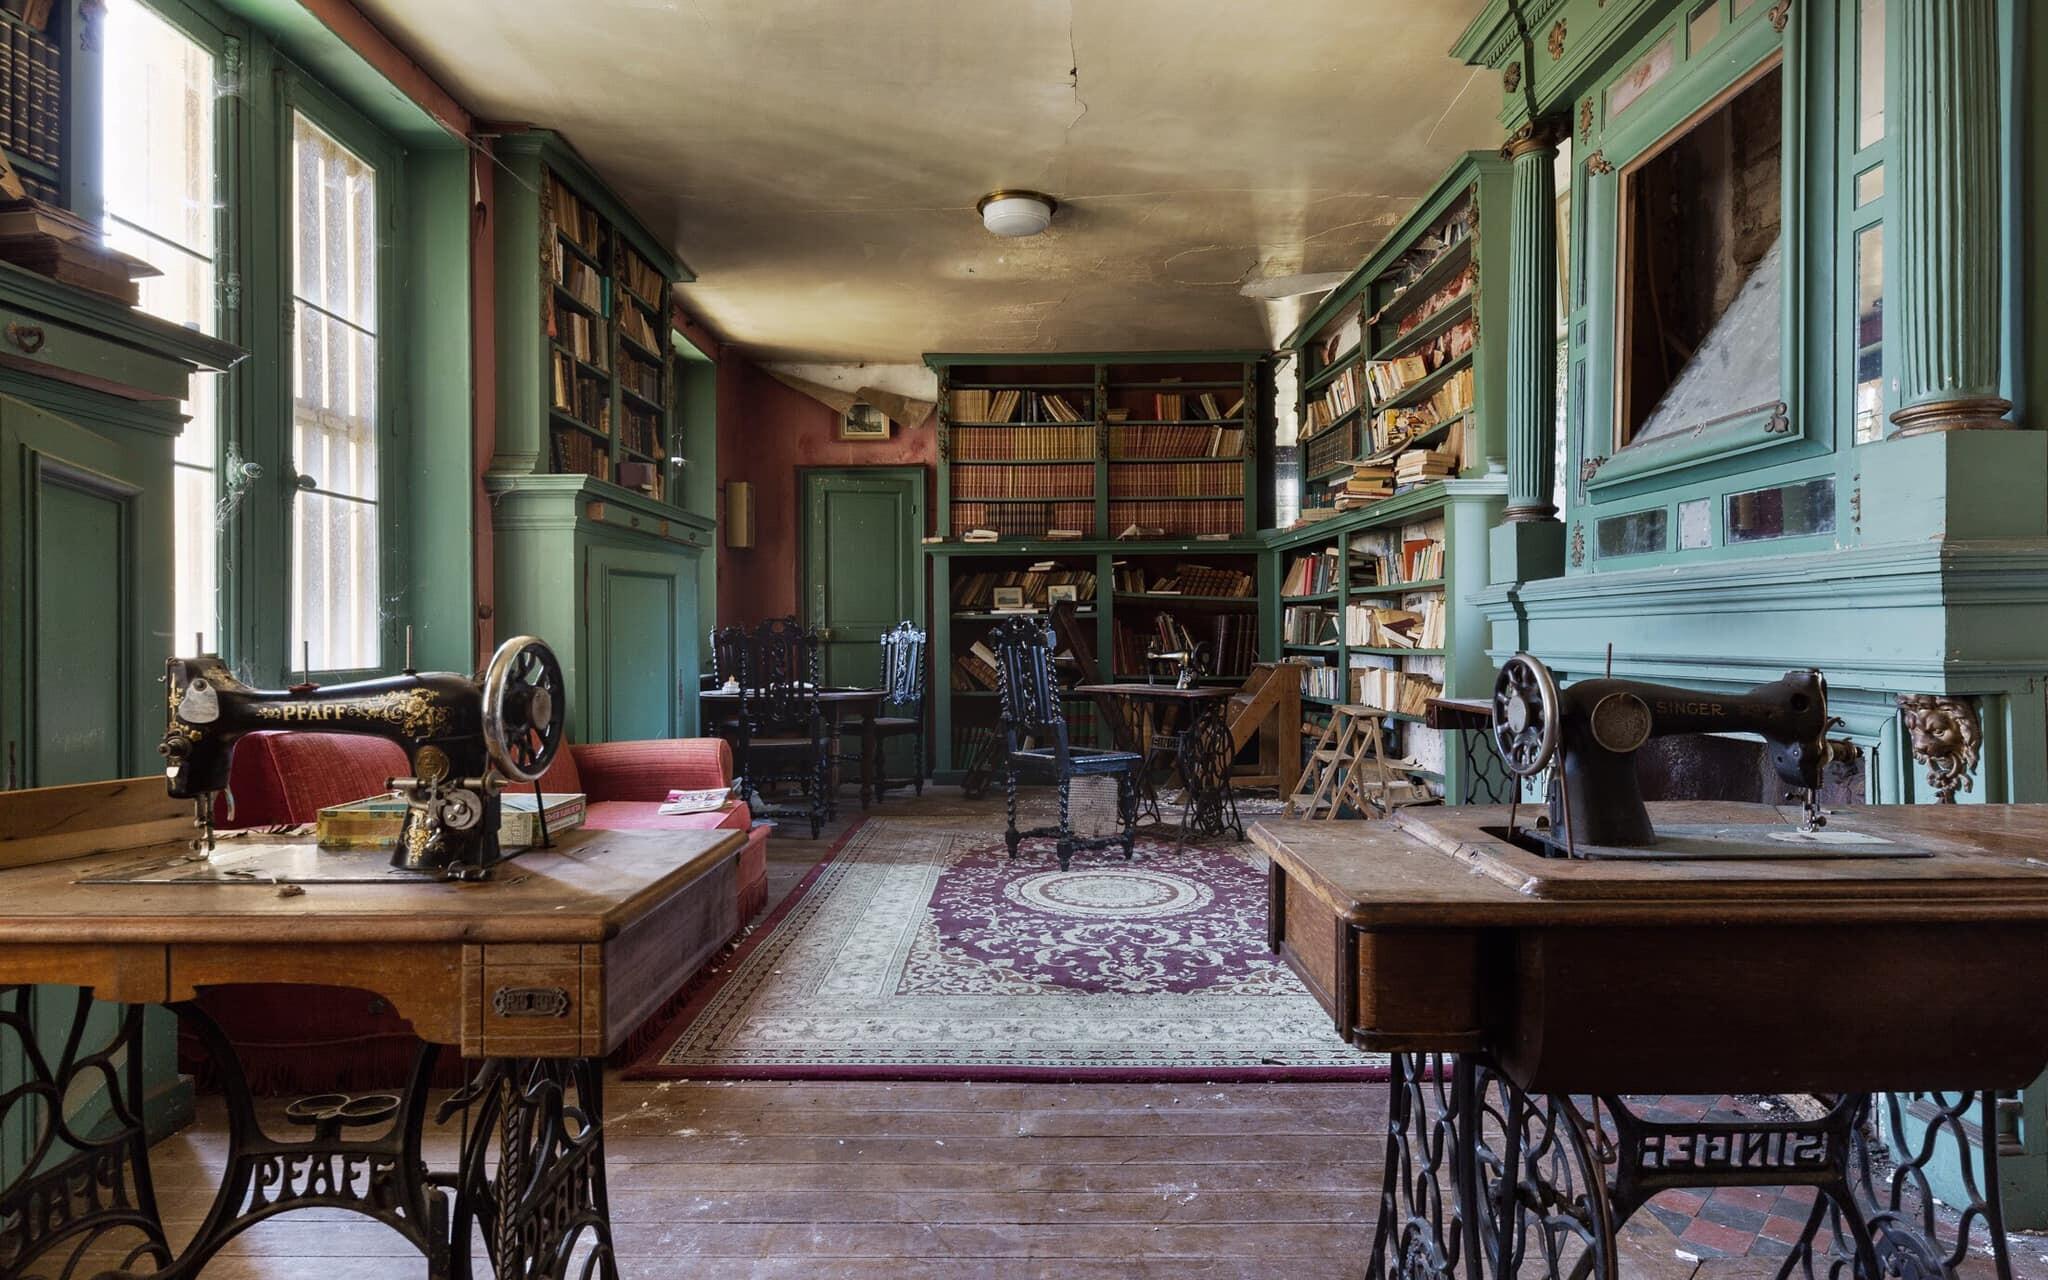 Личная библиотека в заброшенном поместье Франции. Фотопроект Киммо Пархиала и Тани Палмунен «Заброшенная Скандинавия»